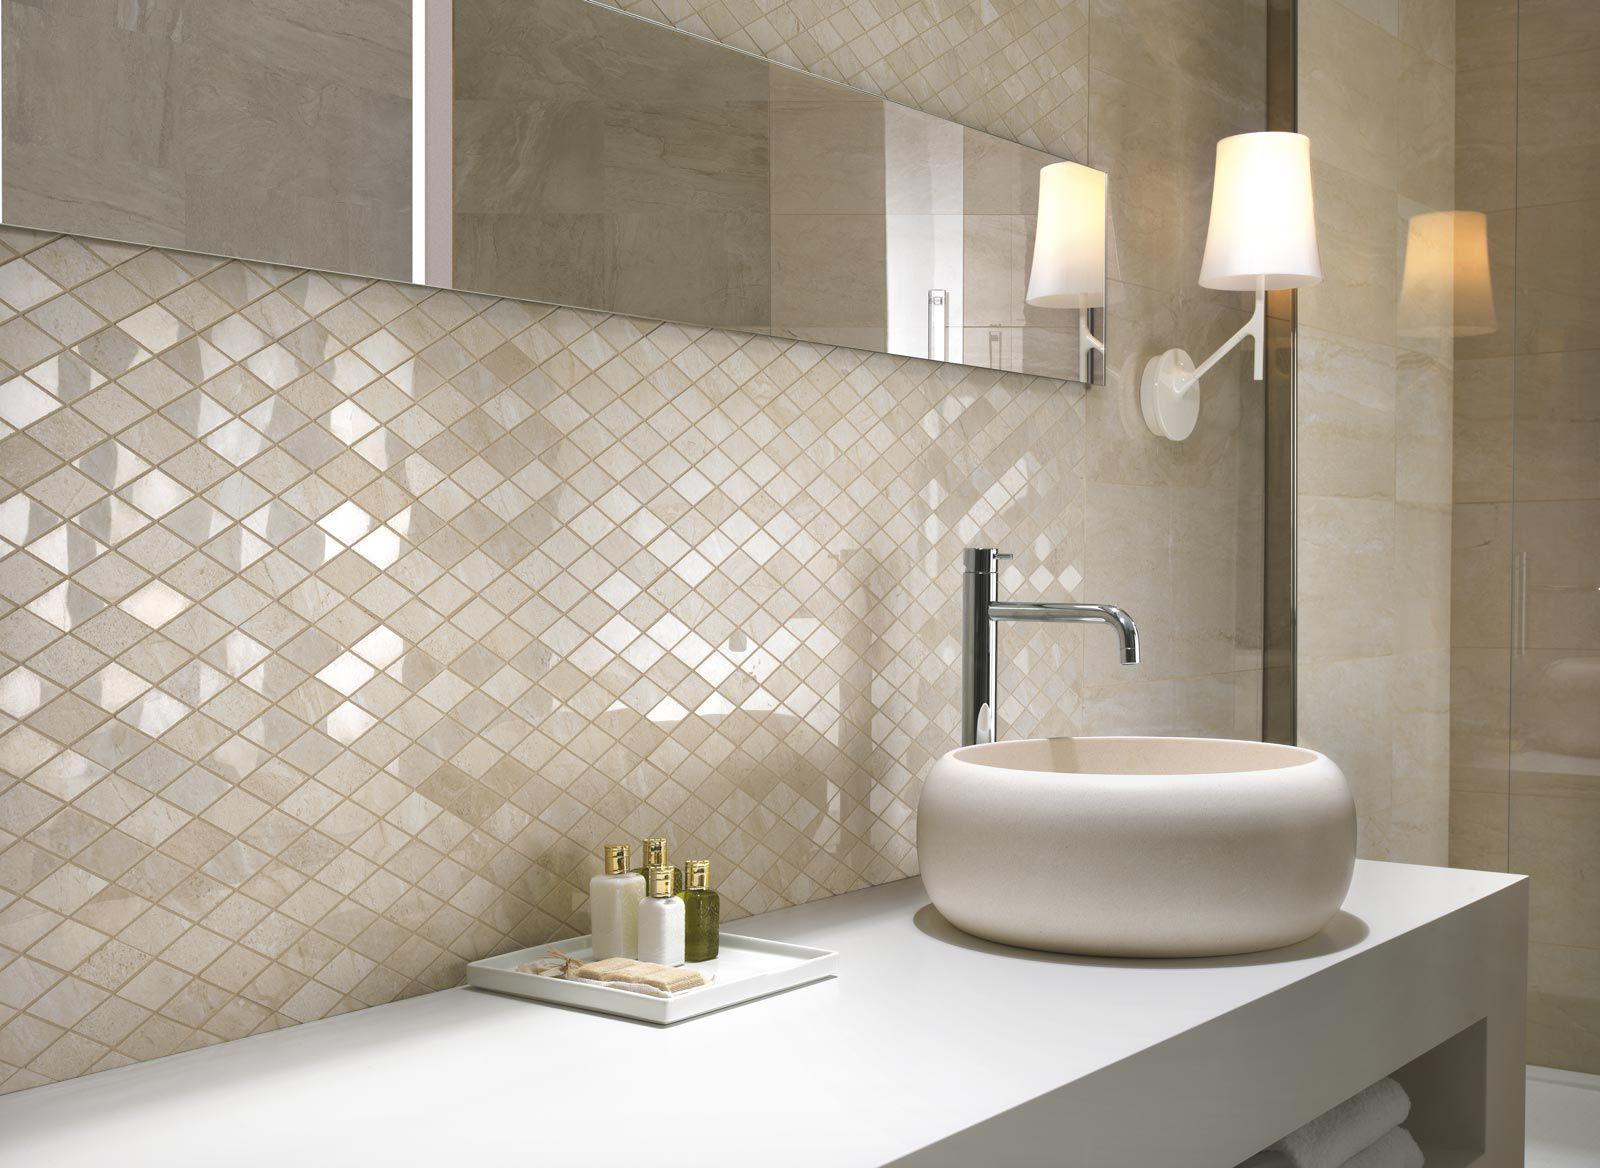 rivestimenti per cucina - Cerca con Google   idee per il bagno ...